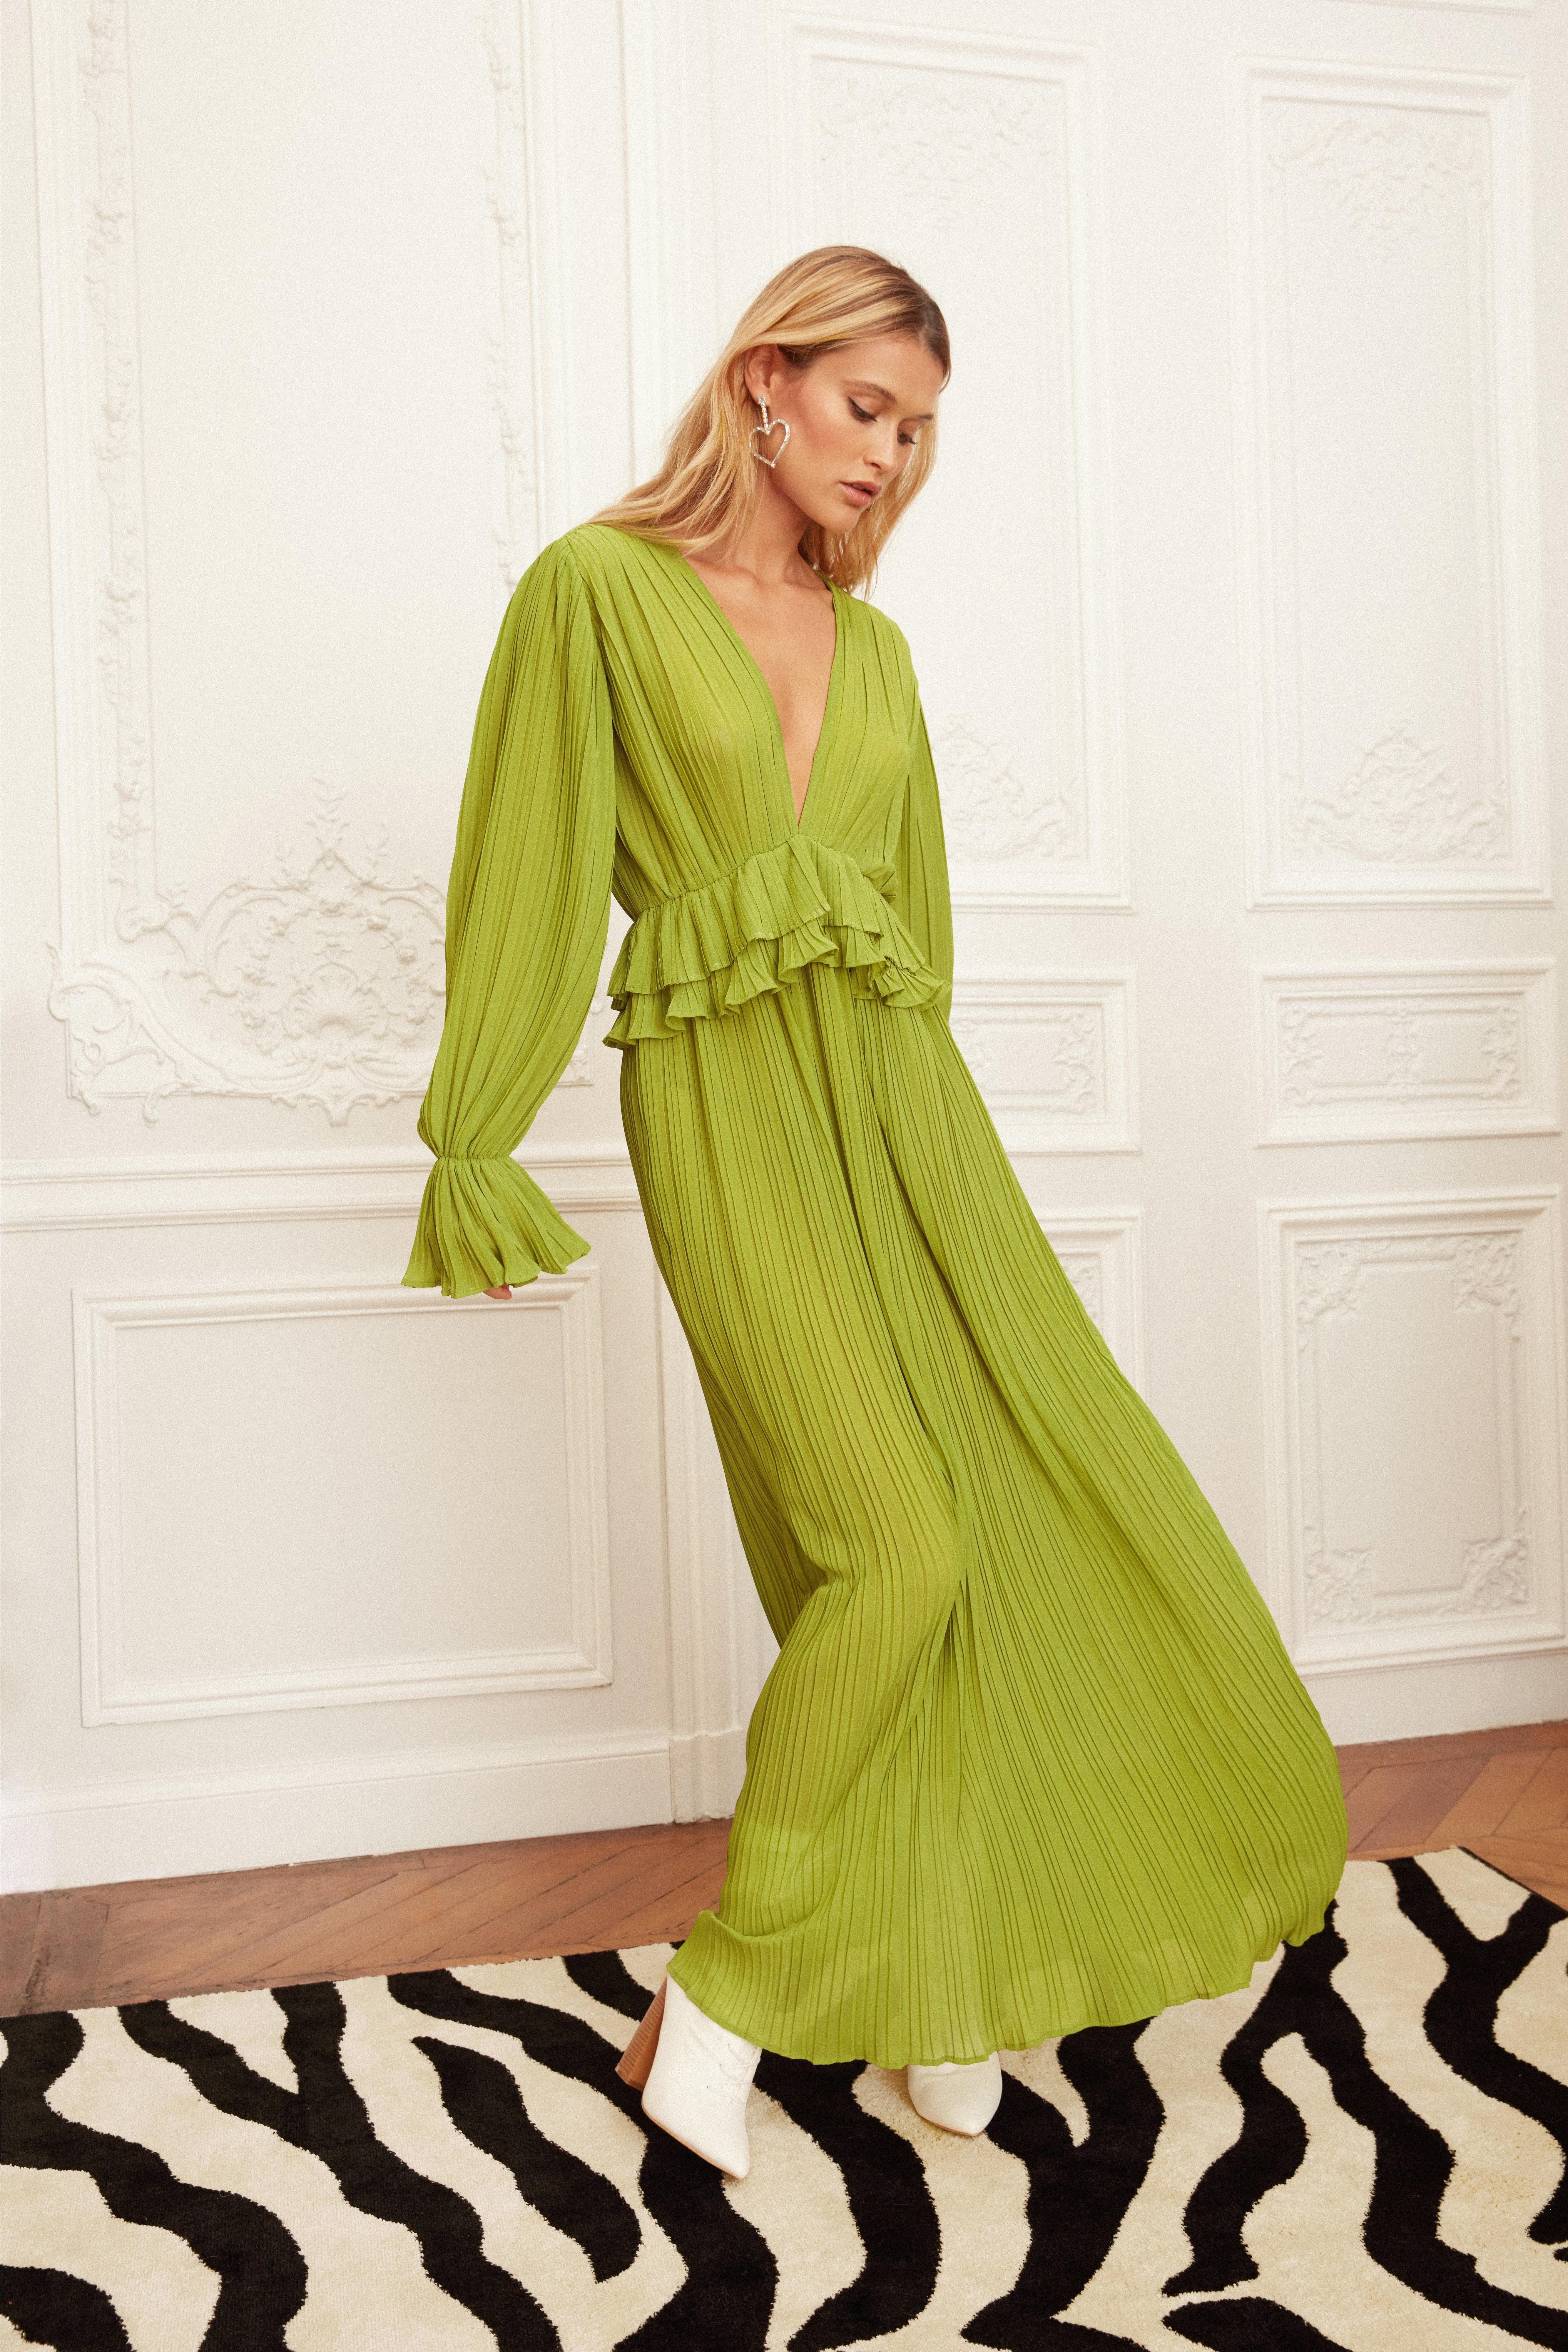 Vintage Style Dresses | Vintage Inspired Dresses Womens Frill V Neck Maxi Dress - Green - 10 $37.60 AT vintagedancer.com